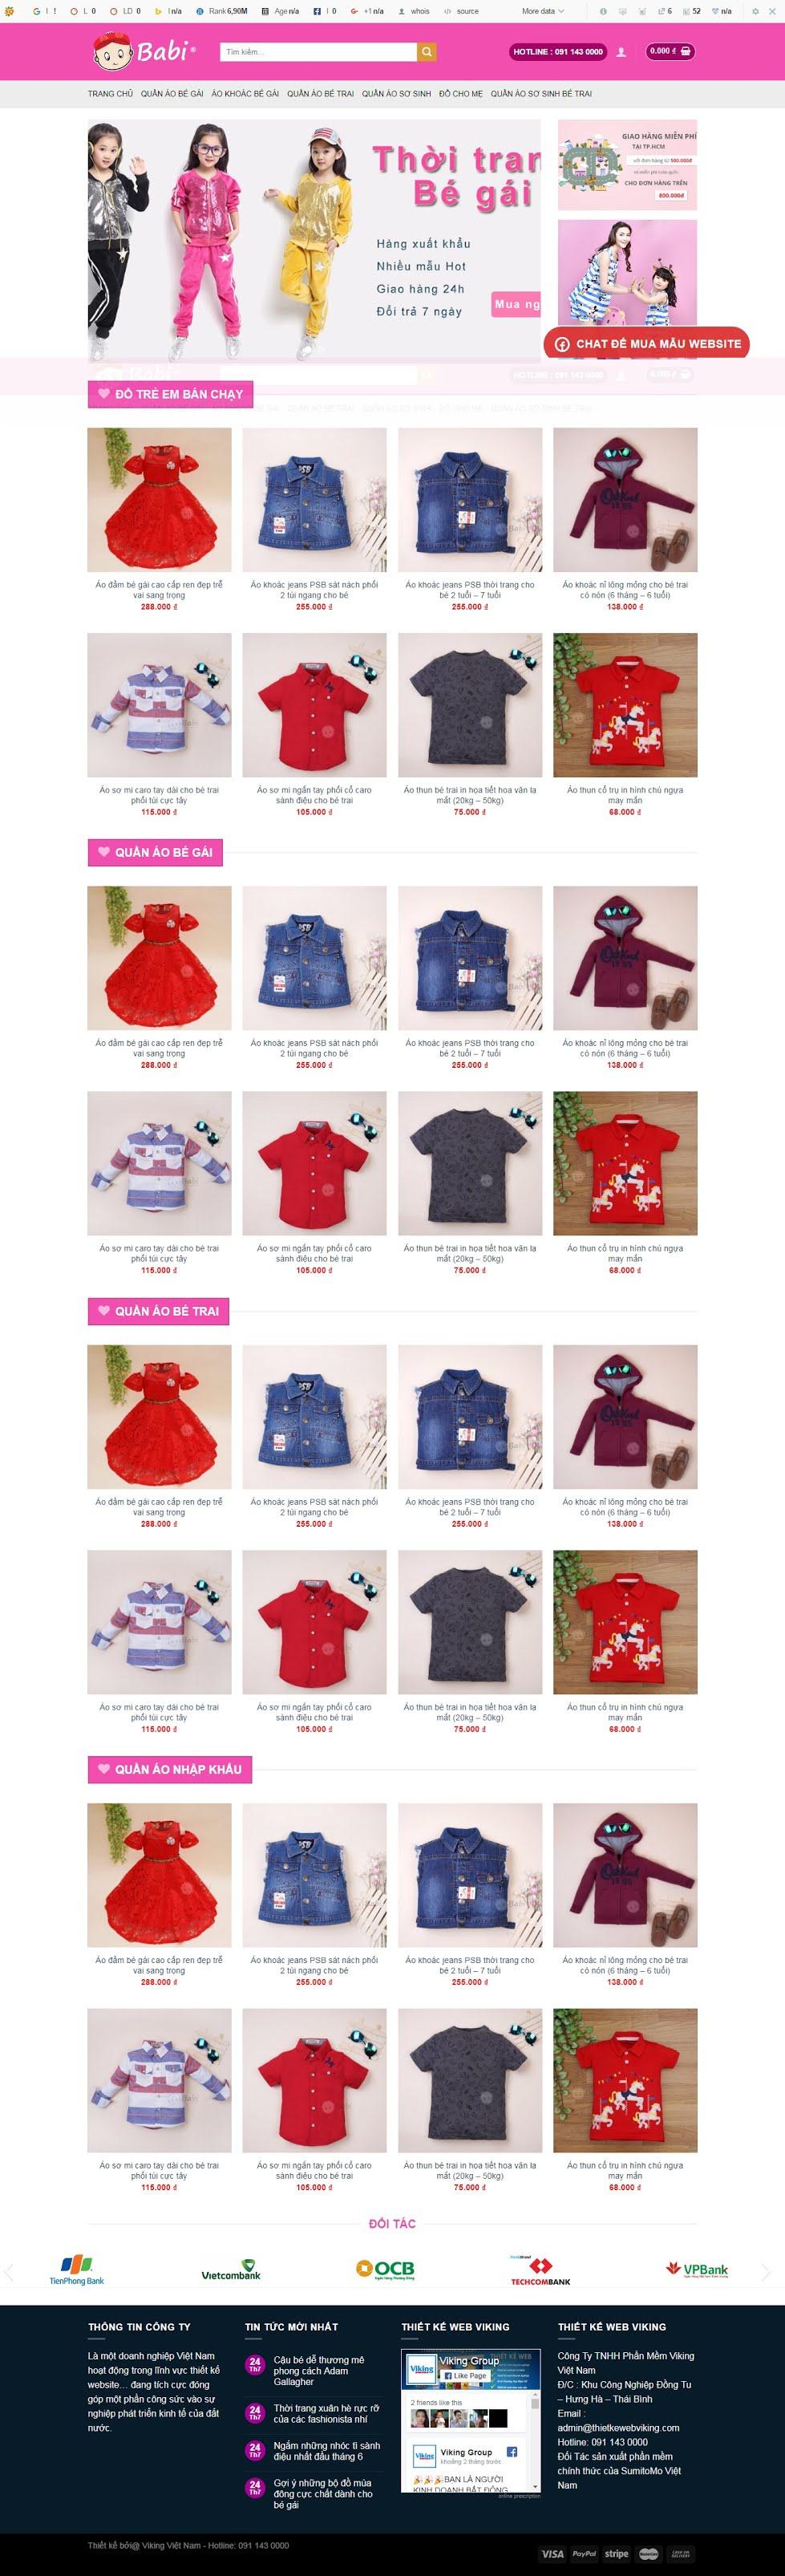 MẪU BÁN HÀNG 057 - quần áo trẻ em